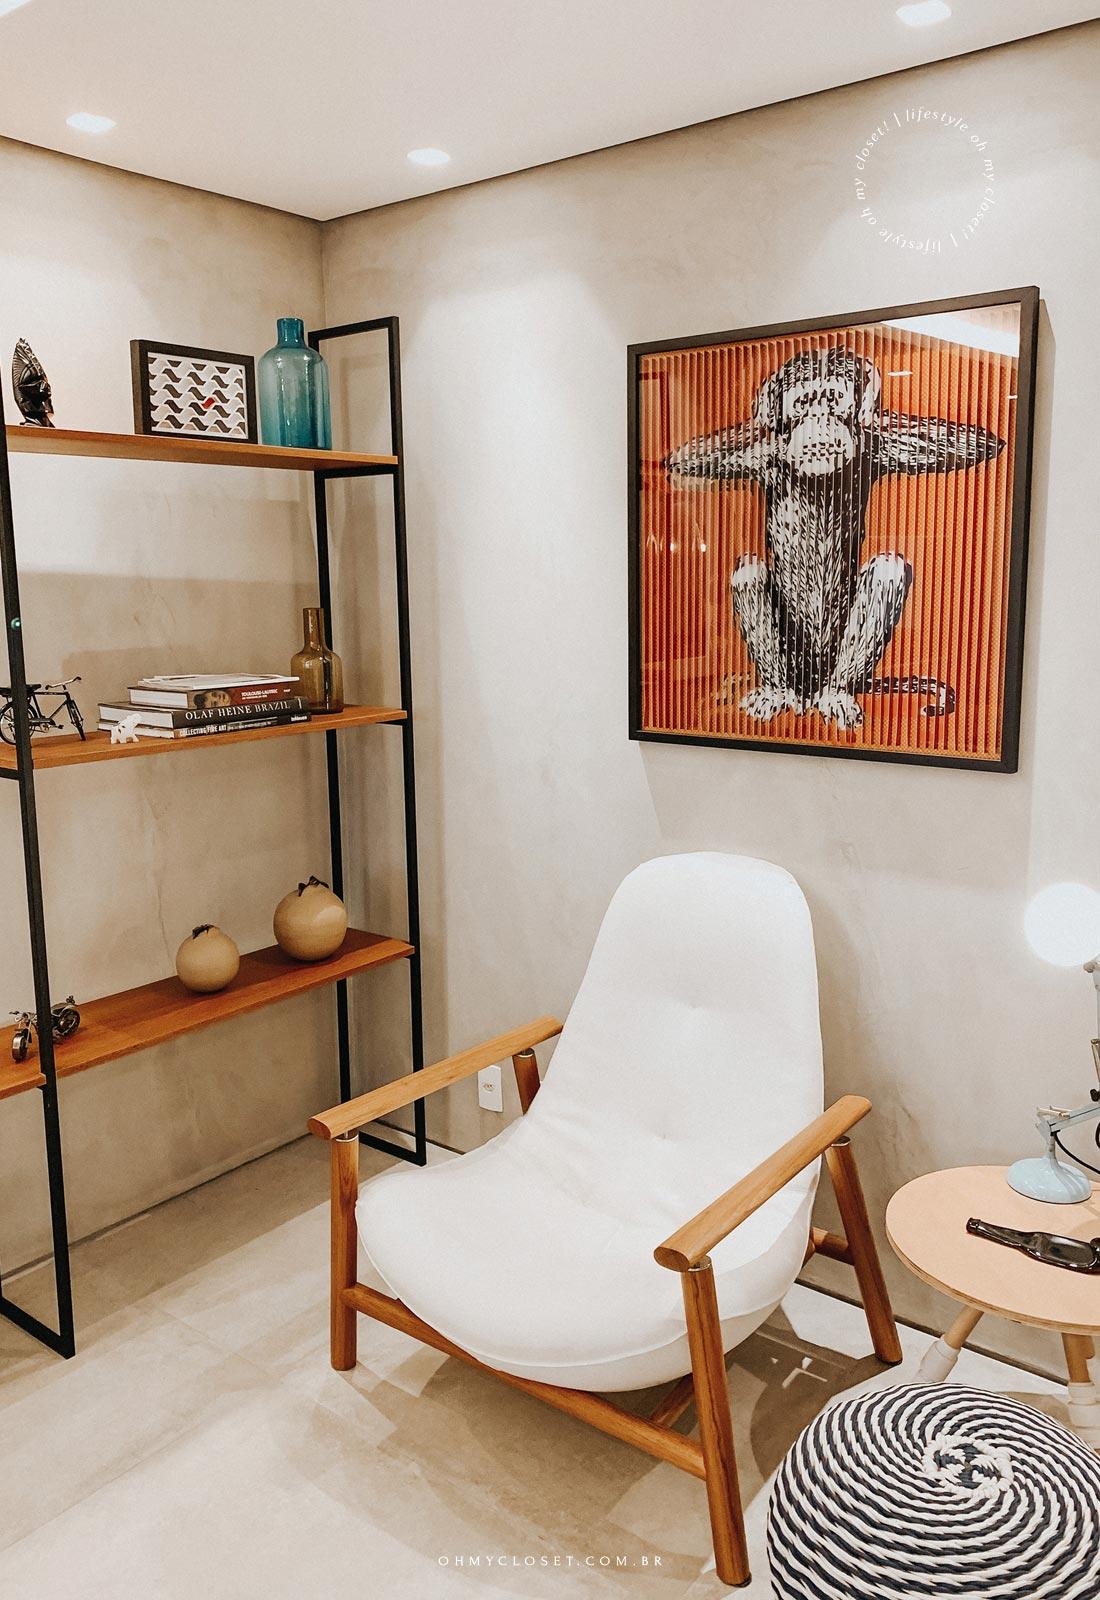 Mais detalhes decoração apartamento AirBnB em Pinheiros.